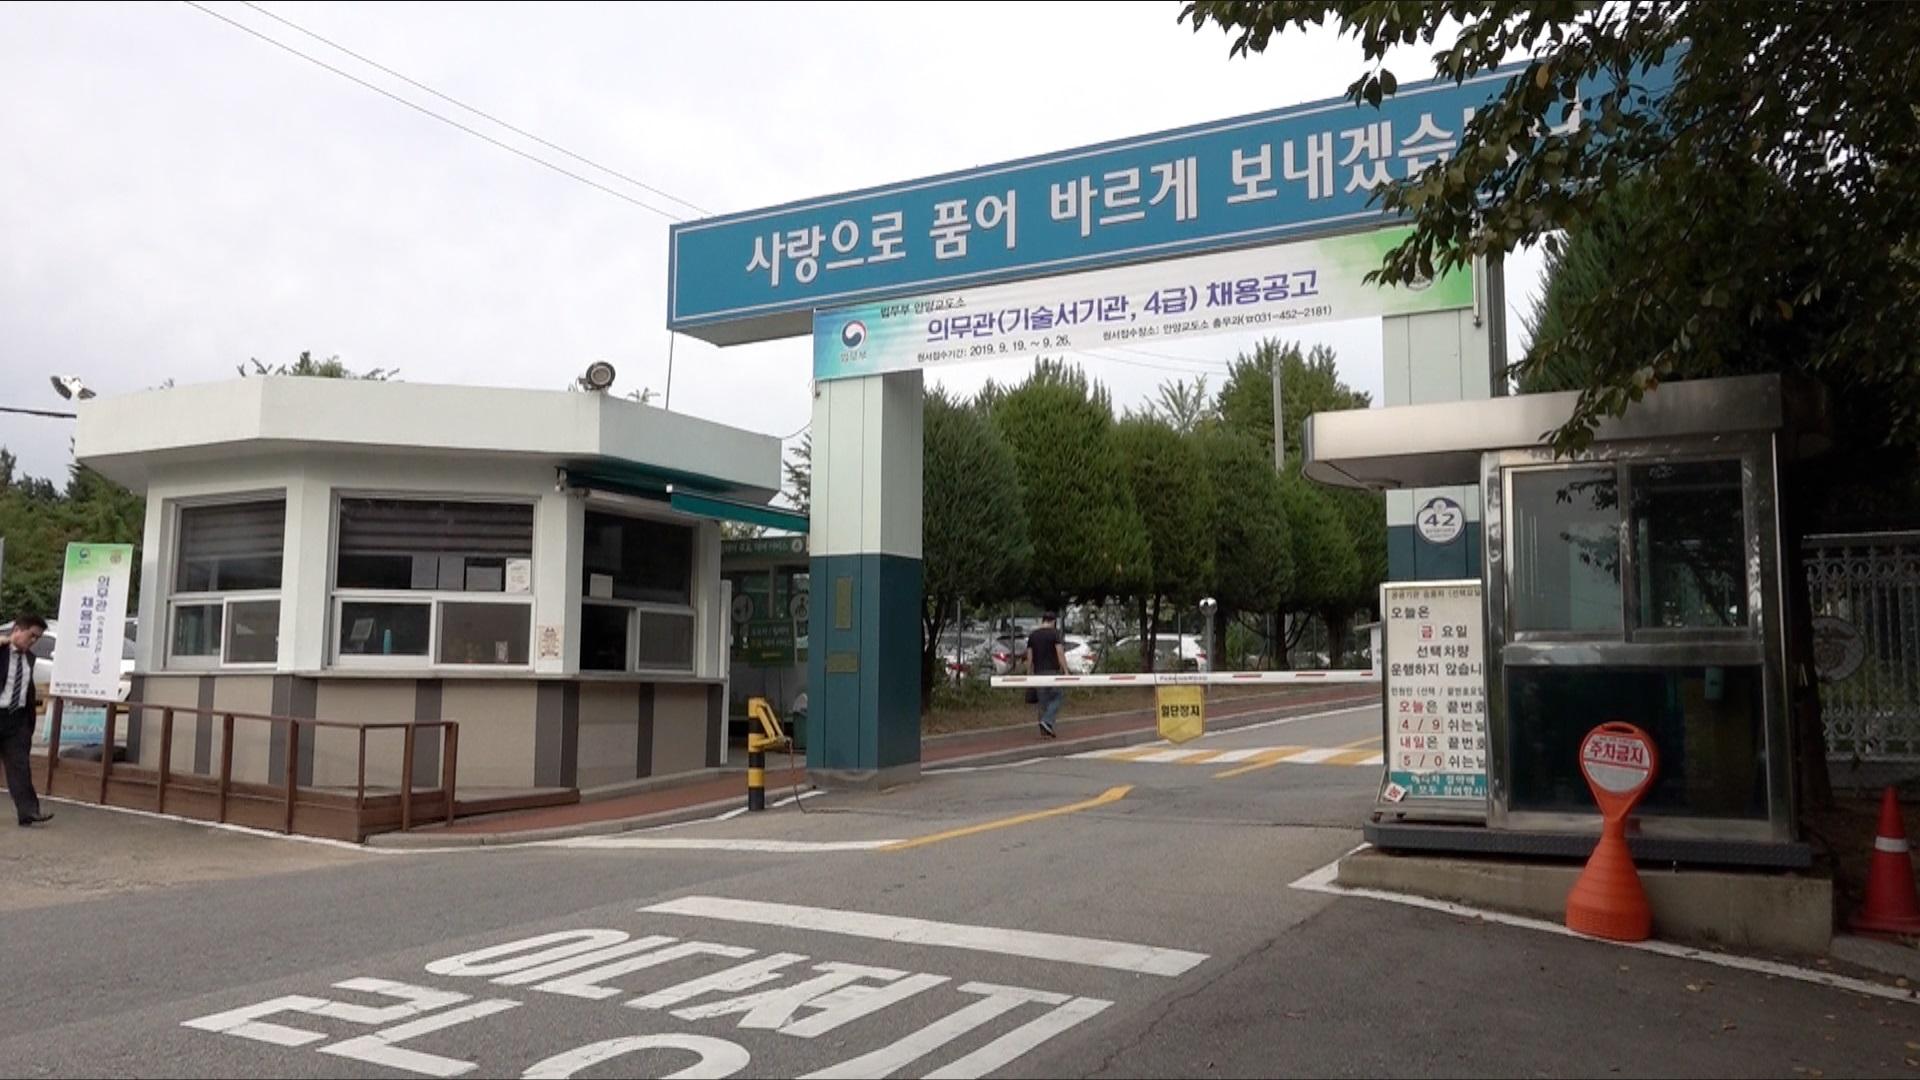 대한민국에서 가장 오래된 교도소인